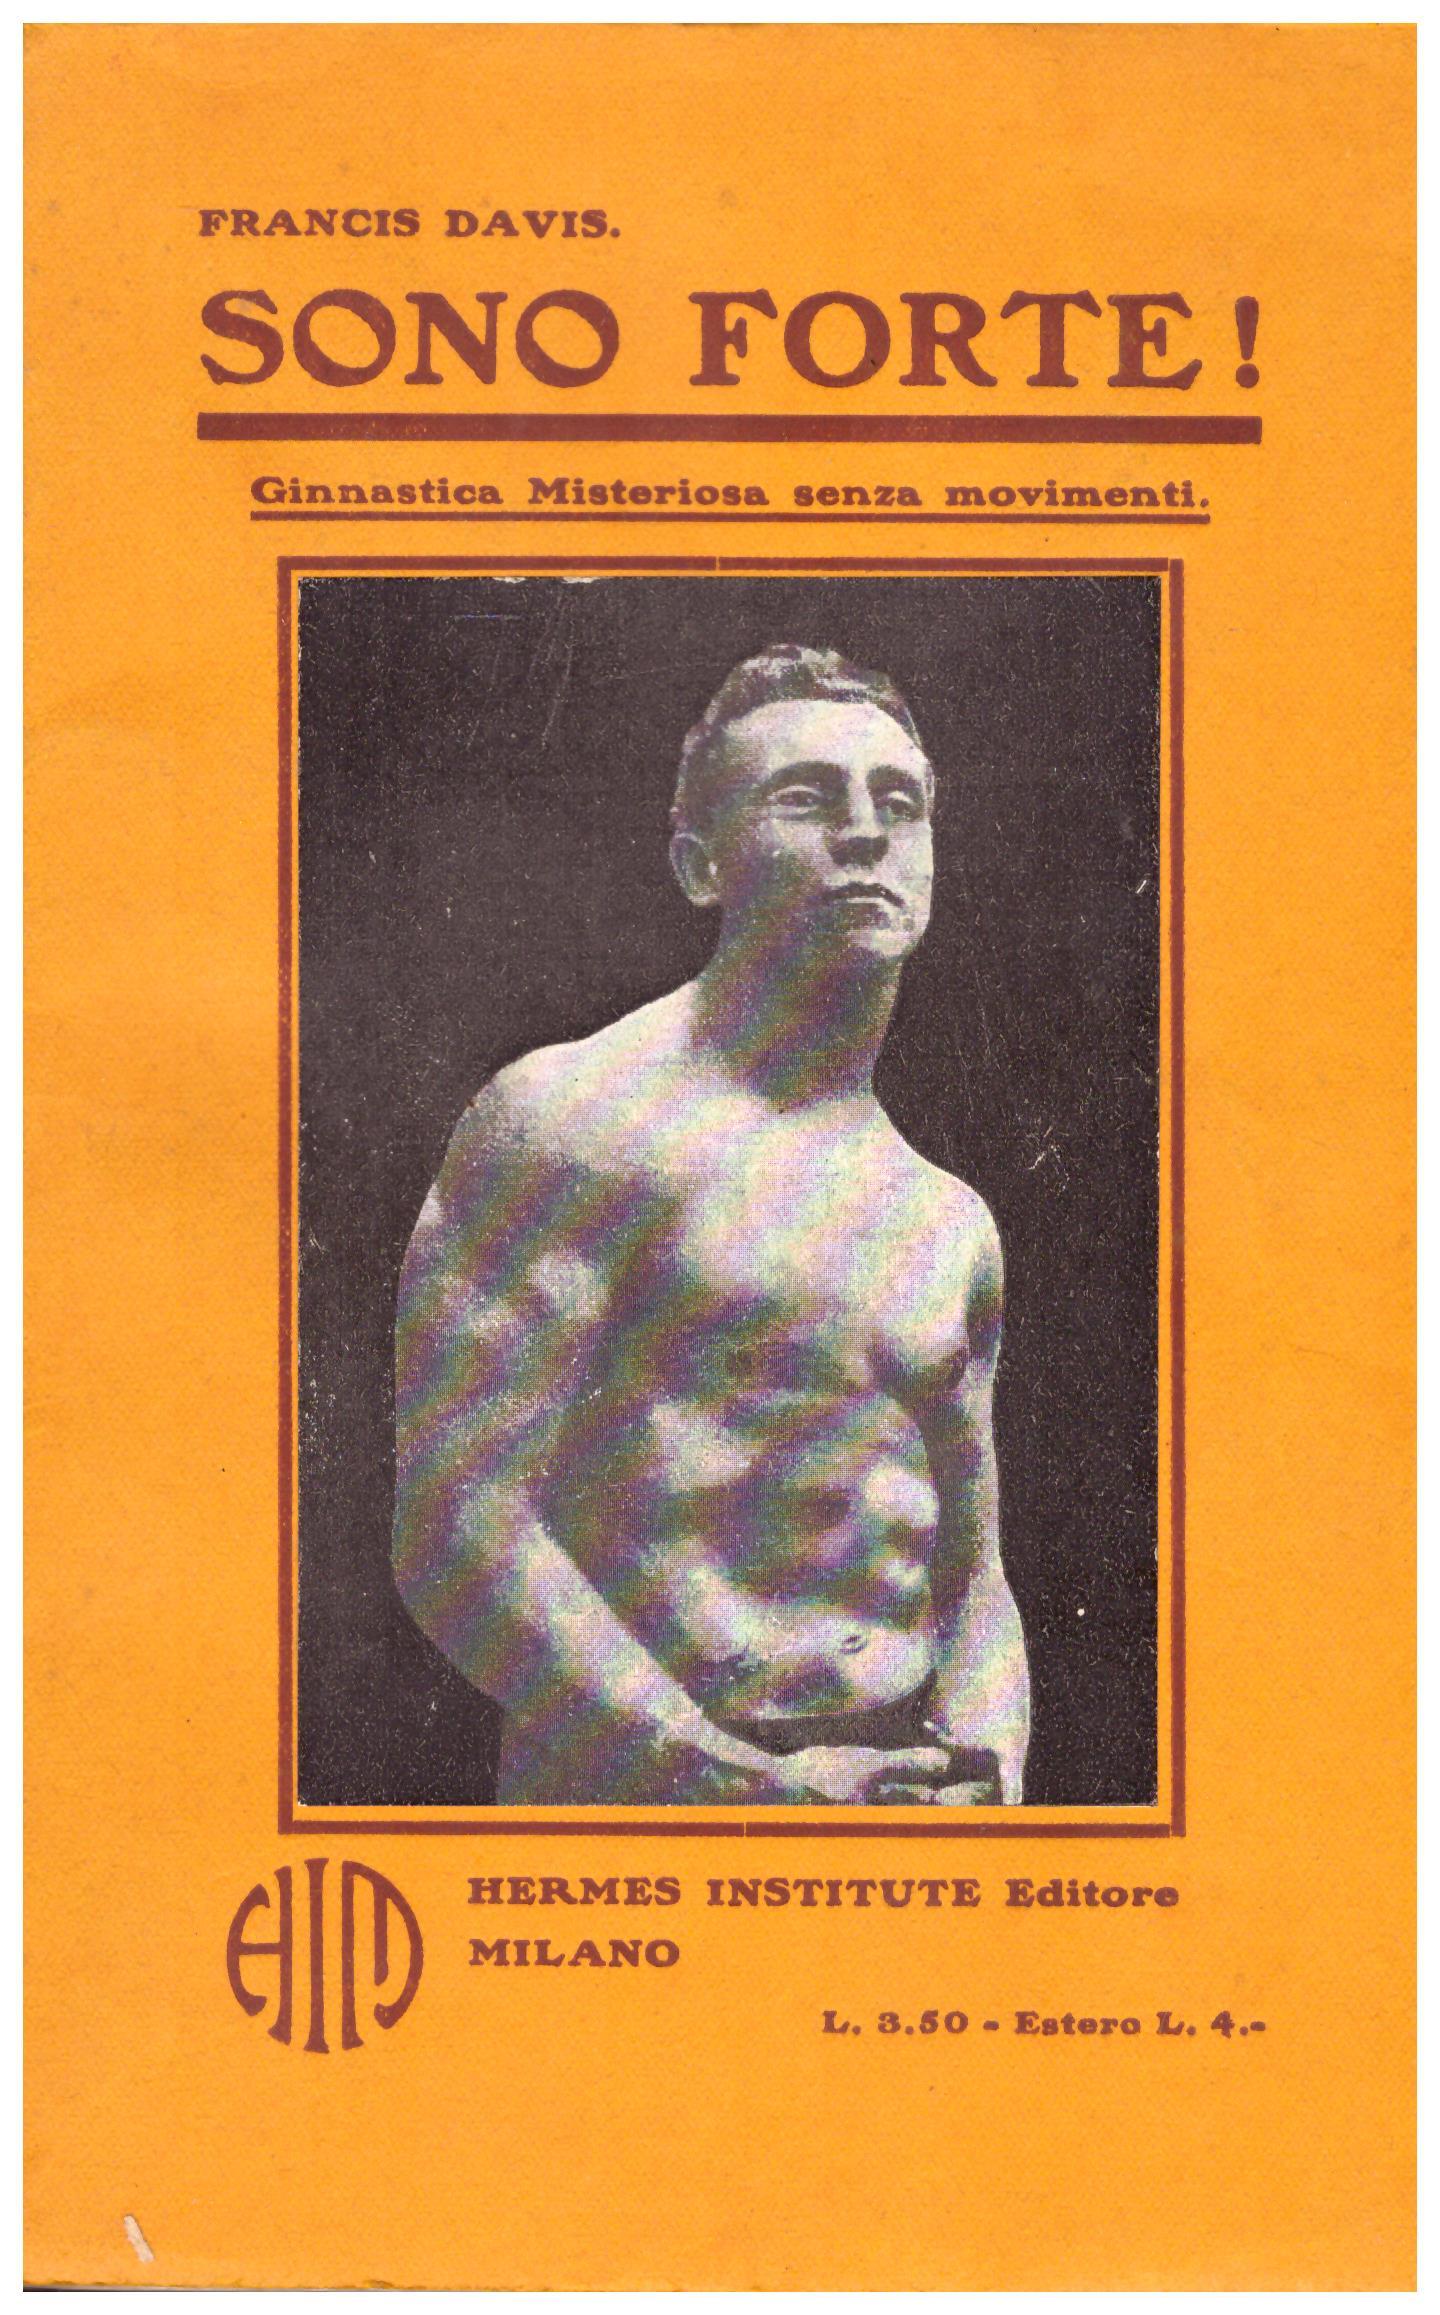 Titolo: Sono forte!    Autore: Francis Davis    Editore: Hermes institute milano